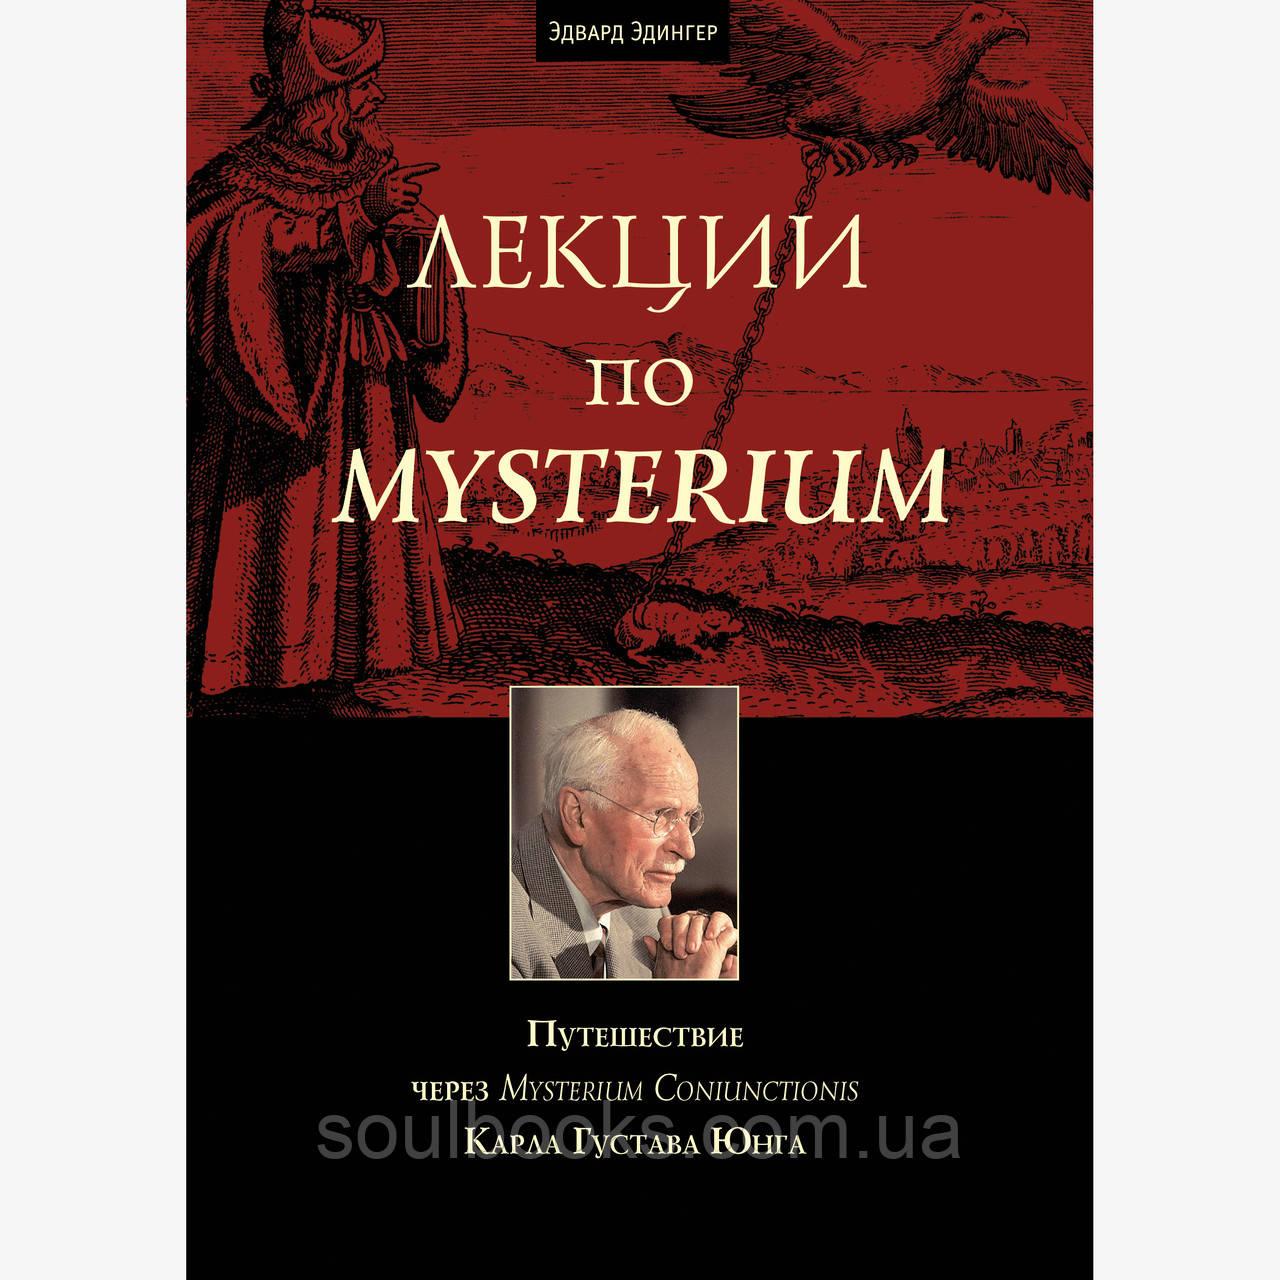 Лекции по Mysterium. Путешествие через Mysterium Coniunctionis К.Г. Юнга.  Эдвард Эдингер